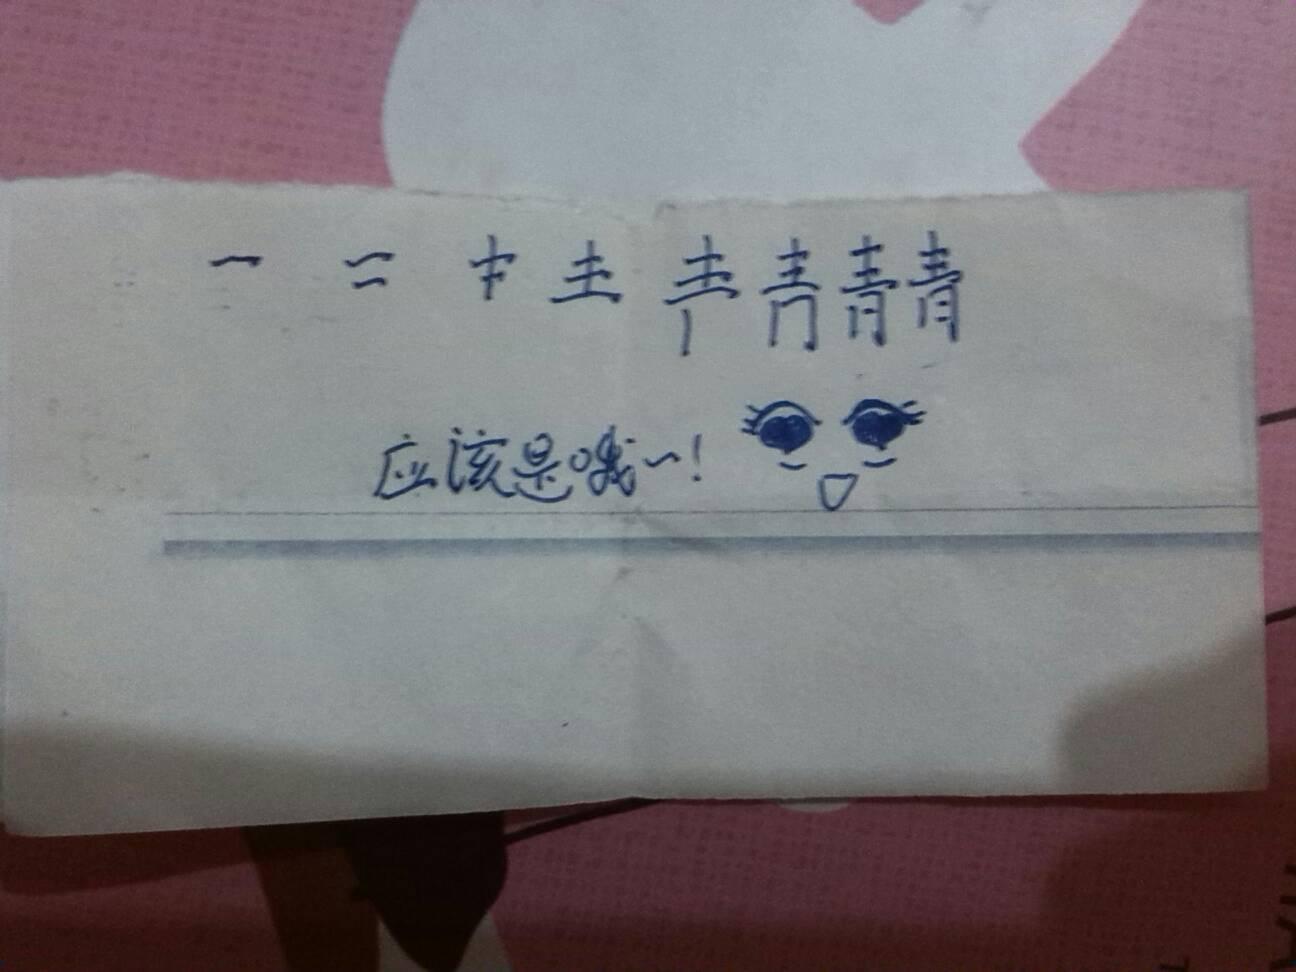 青的笔顺 倪的笔顺 哥的笔顺 惯的笔顺-笔顺名称 笔顺 笔顺查询